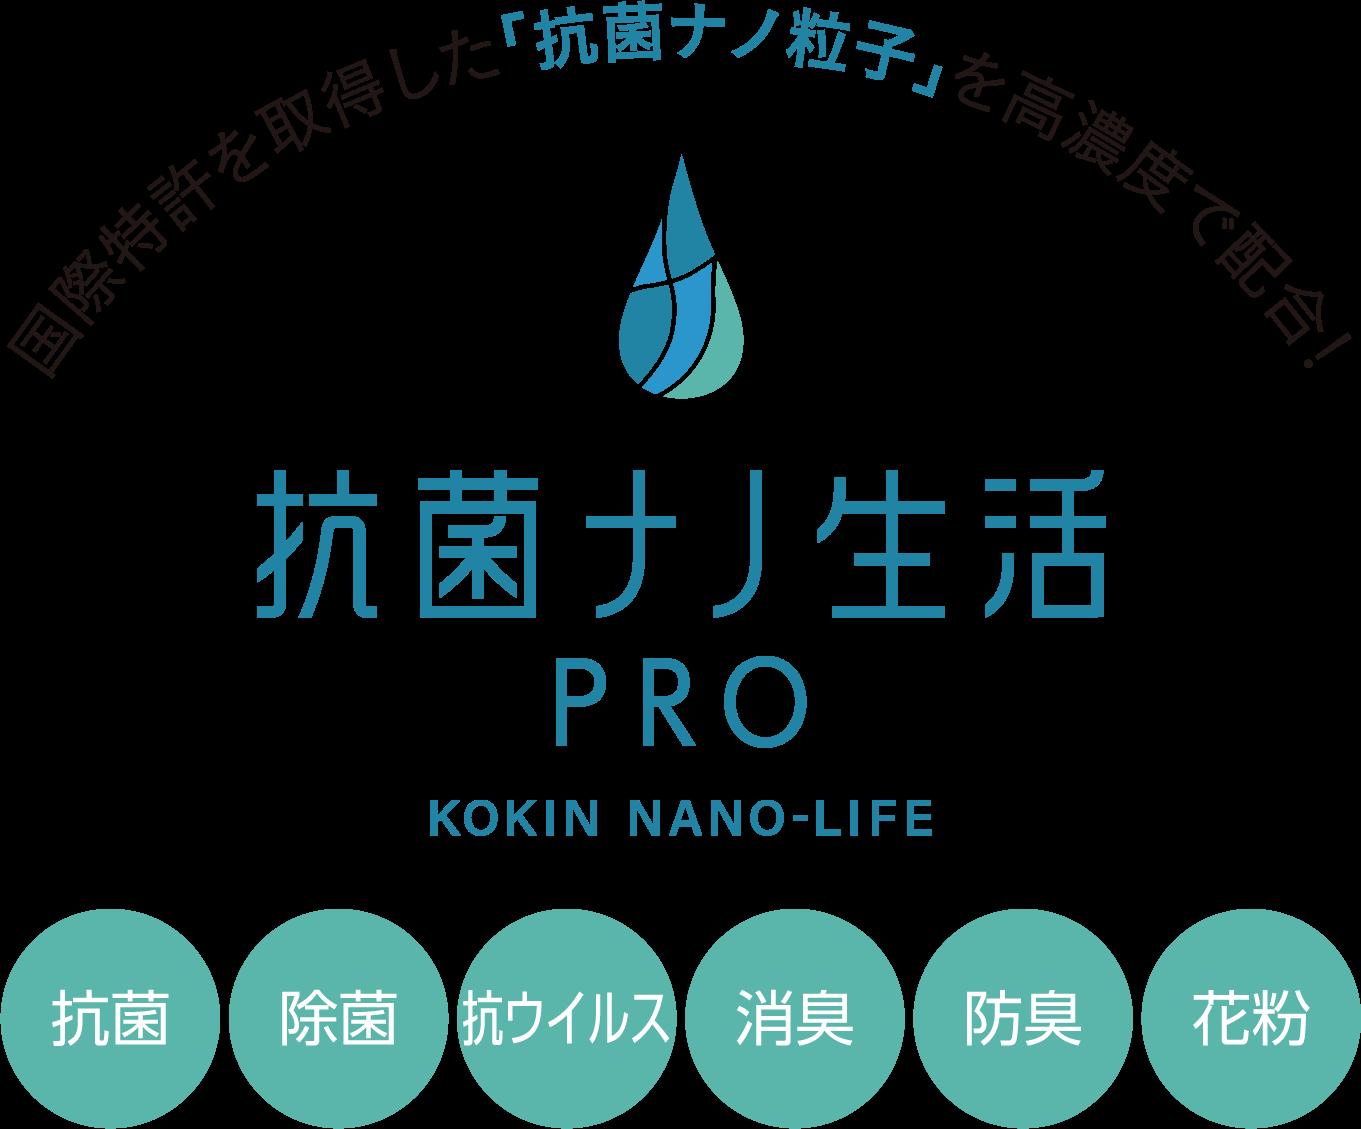 国際特許を取得した「抗菌ナノ粒子」を高濃度で配合! 抗菌ナノ生活PRO KOKIN NANO-LIFE